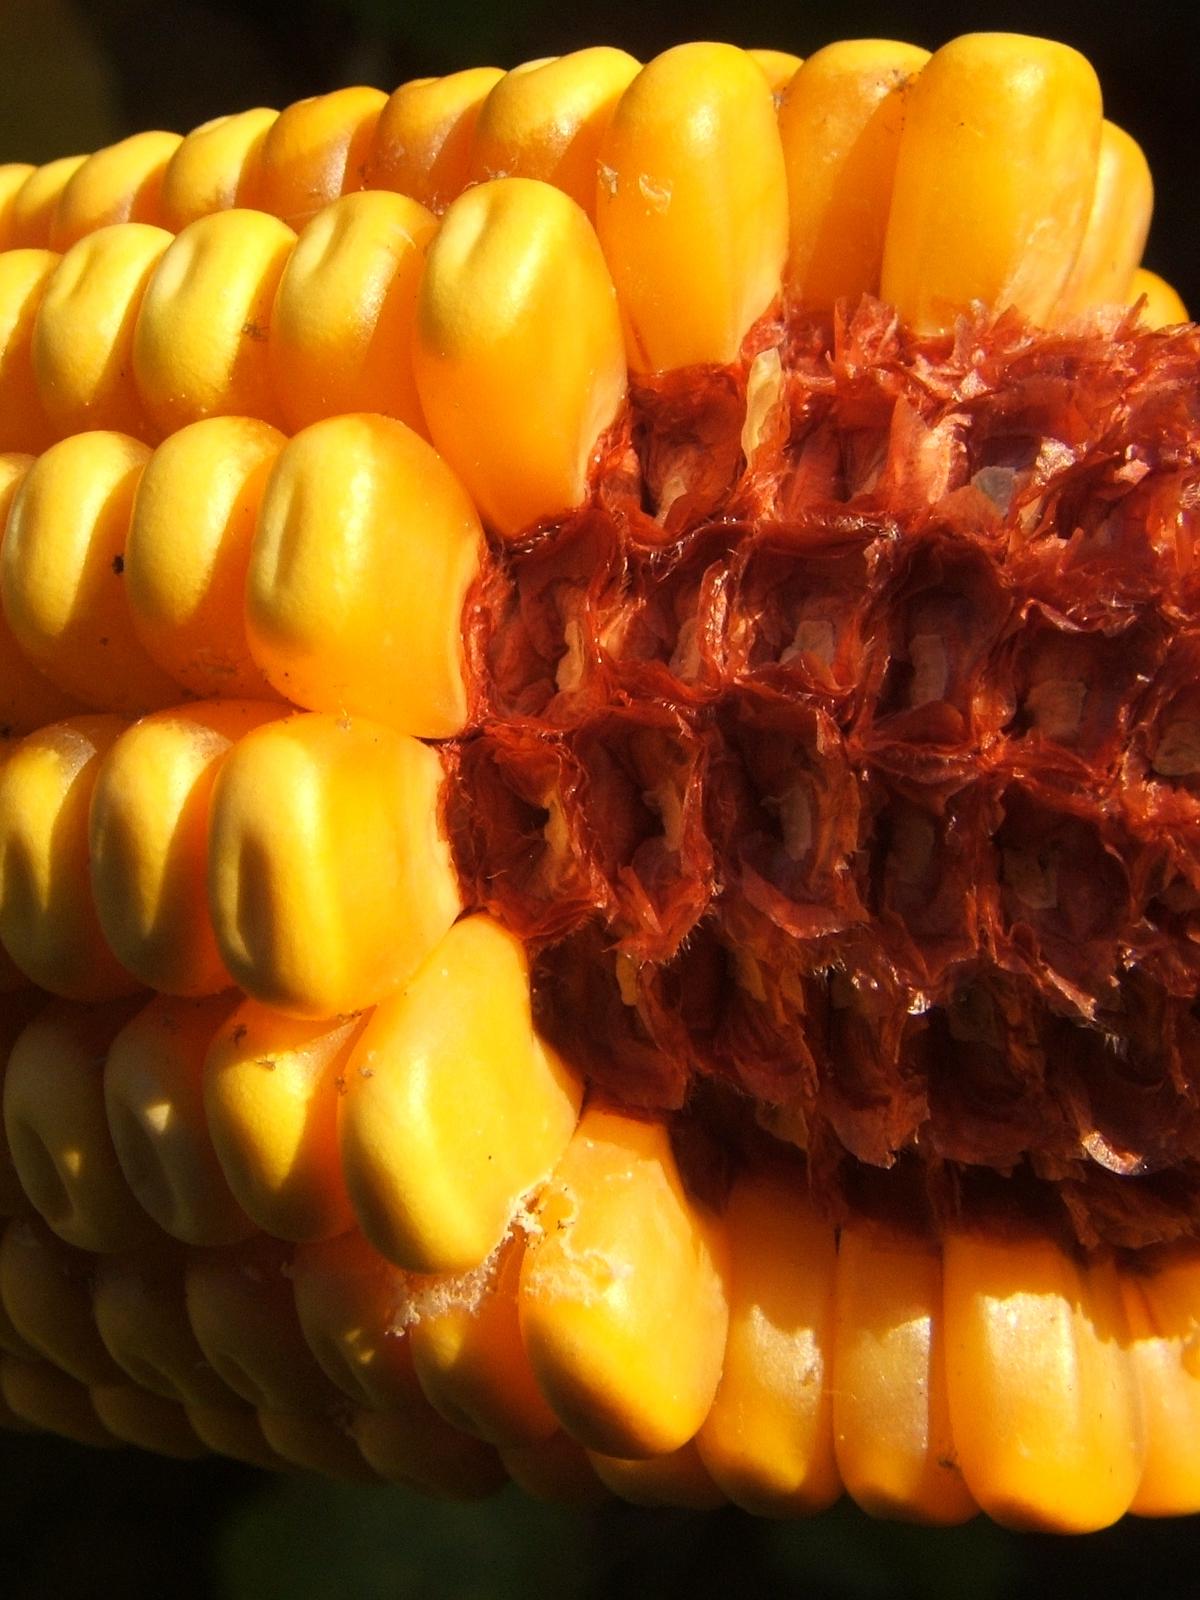 Corn on the cob - 2 3